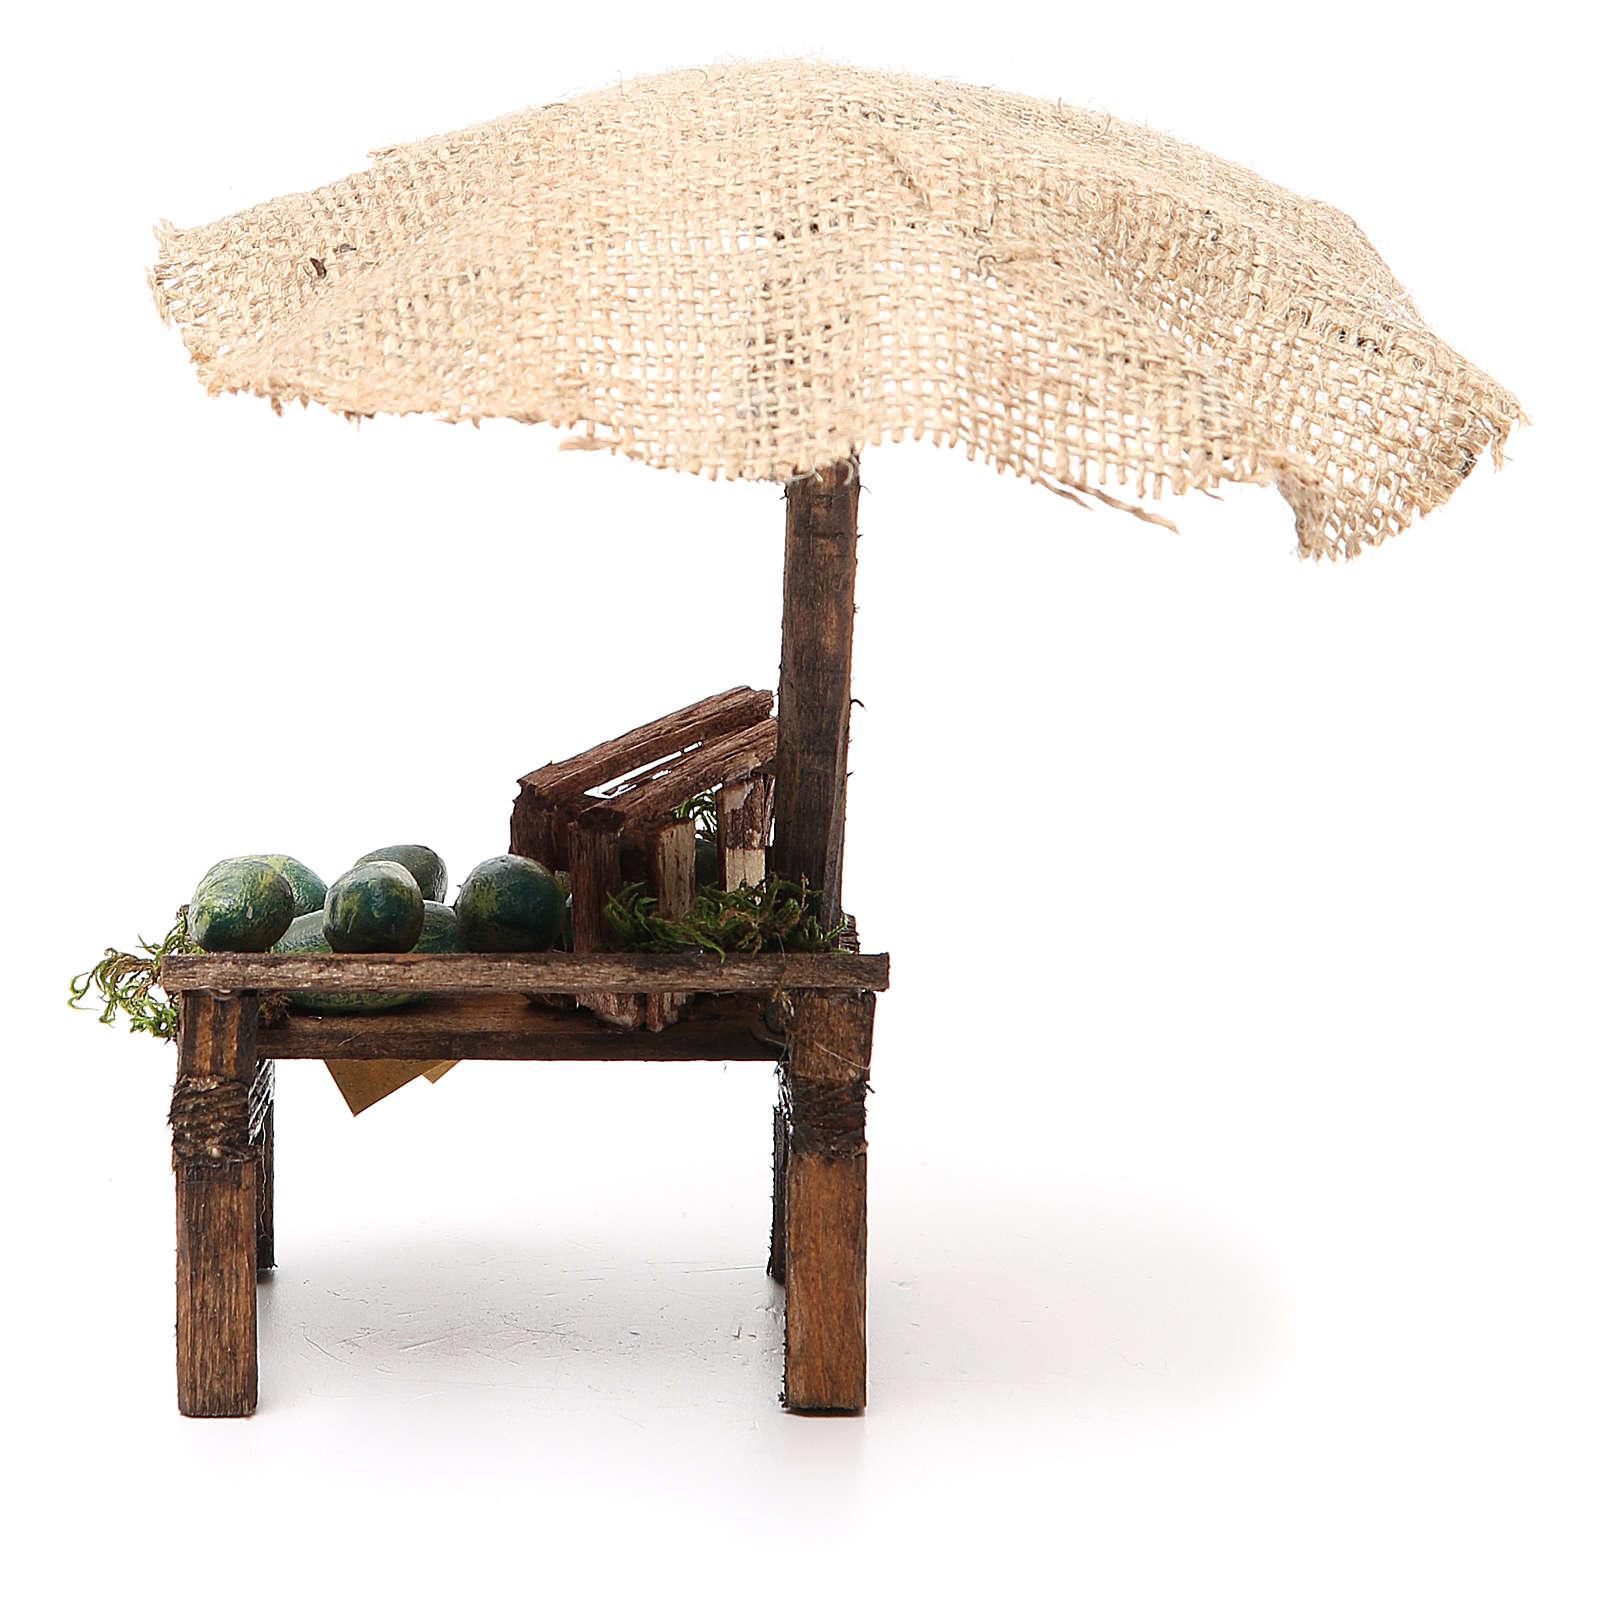 Puesto de mercado para belén con sombrilla y sandías 16x10x12 cm 4